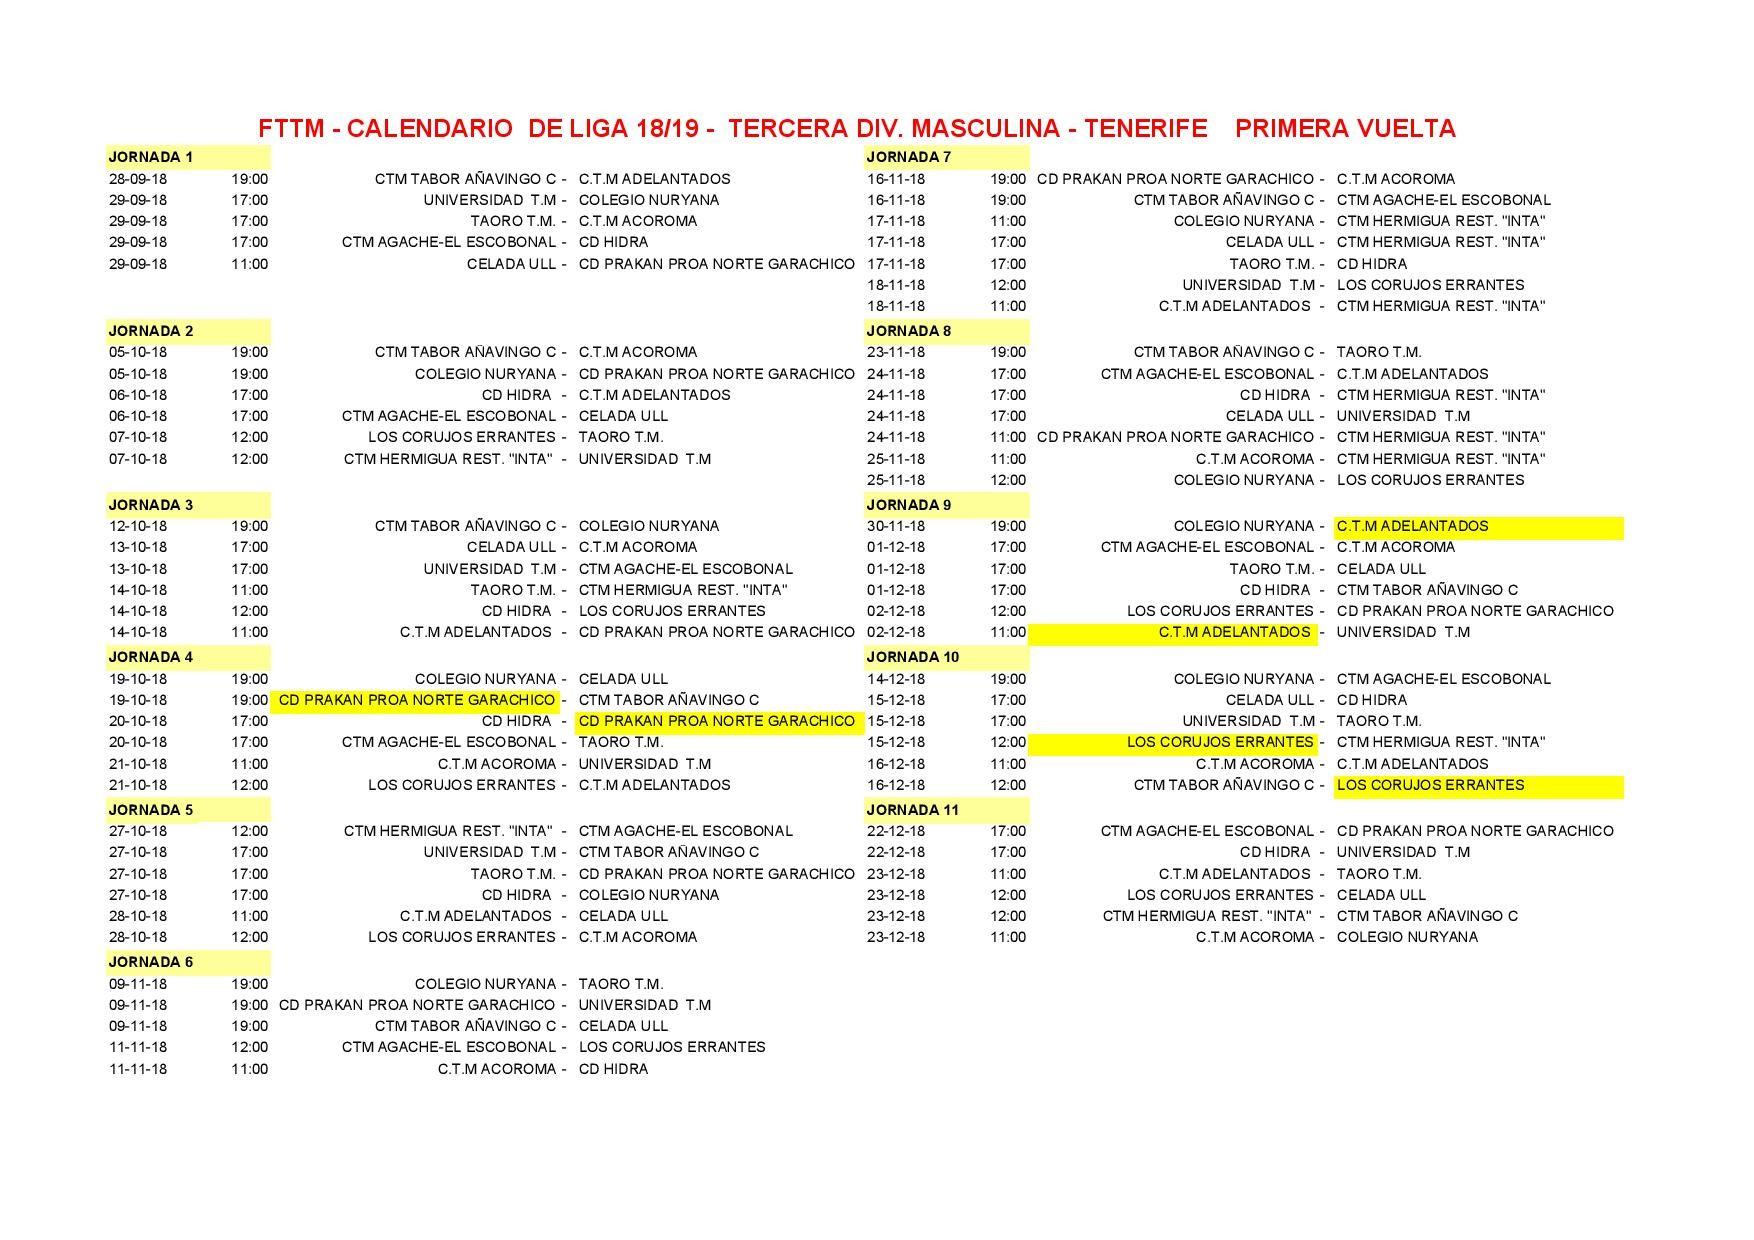 CALENDARIO DEFINITIVO TDM GRUPO TENERIFE 18 19 page 001